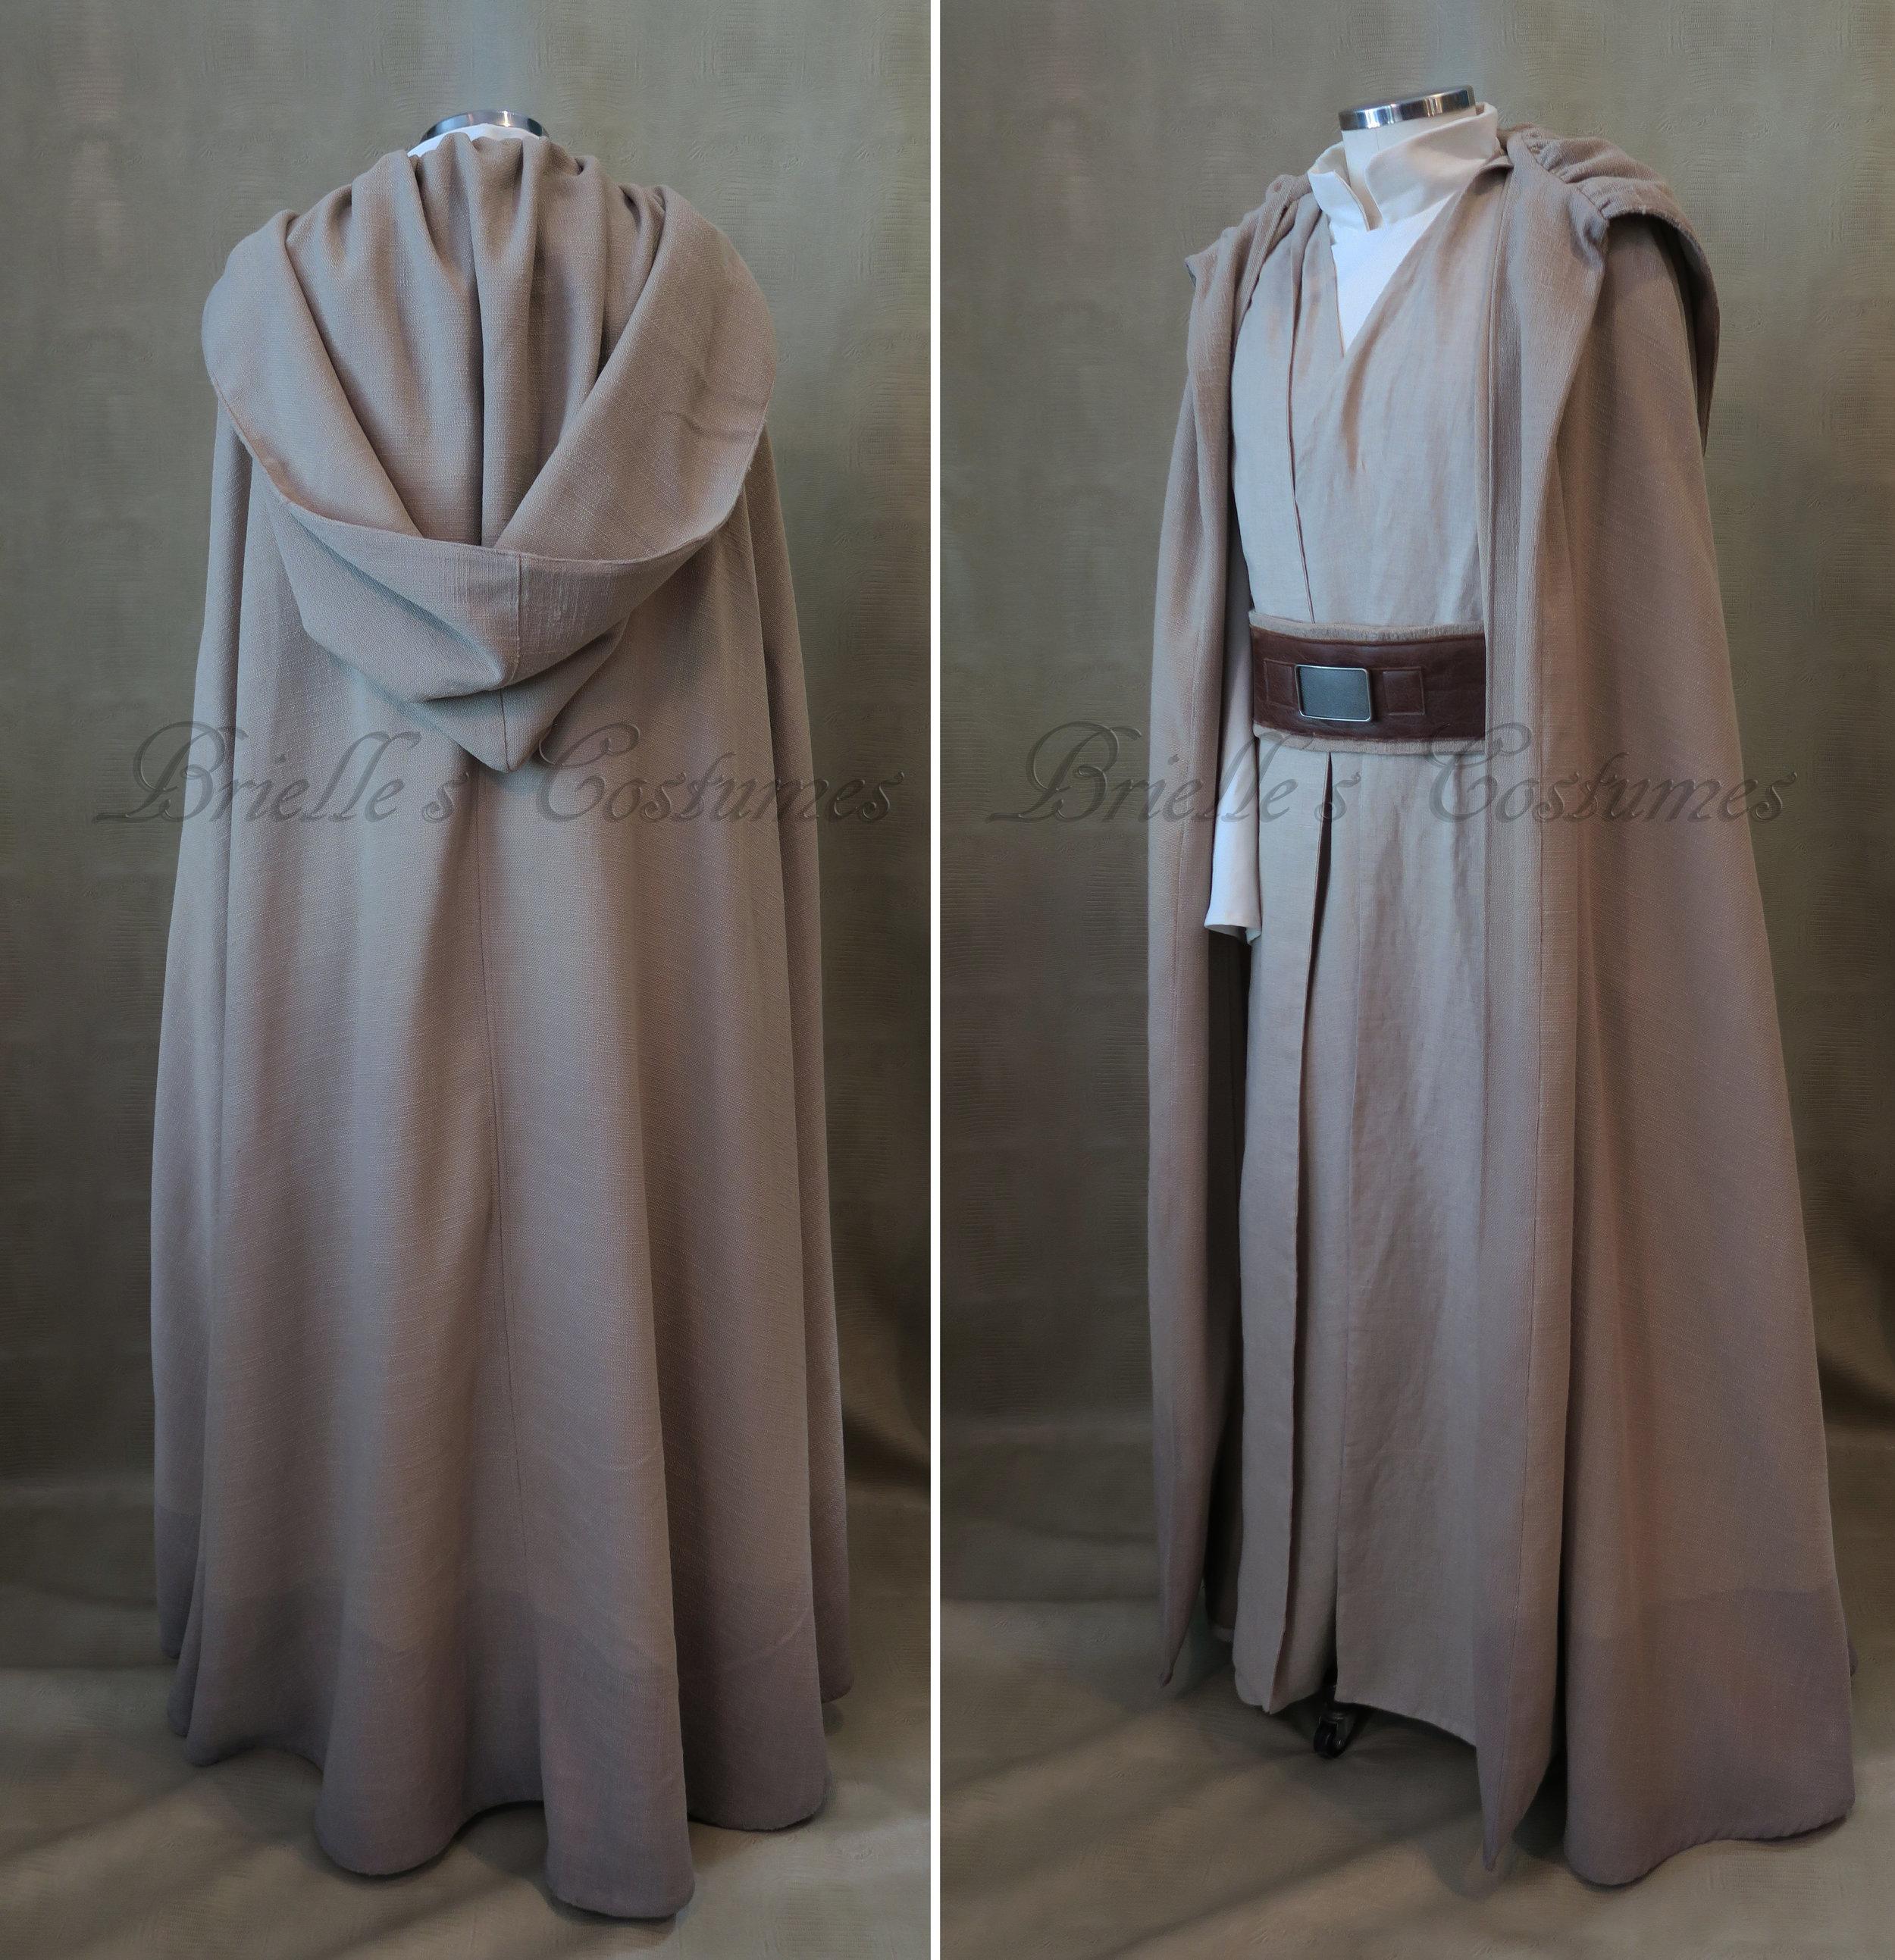 Jedi Brielle Costumes